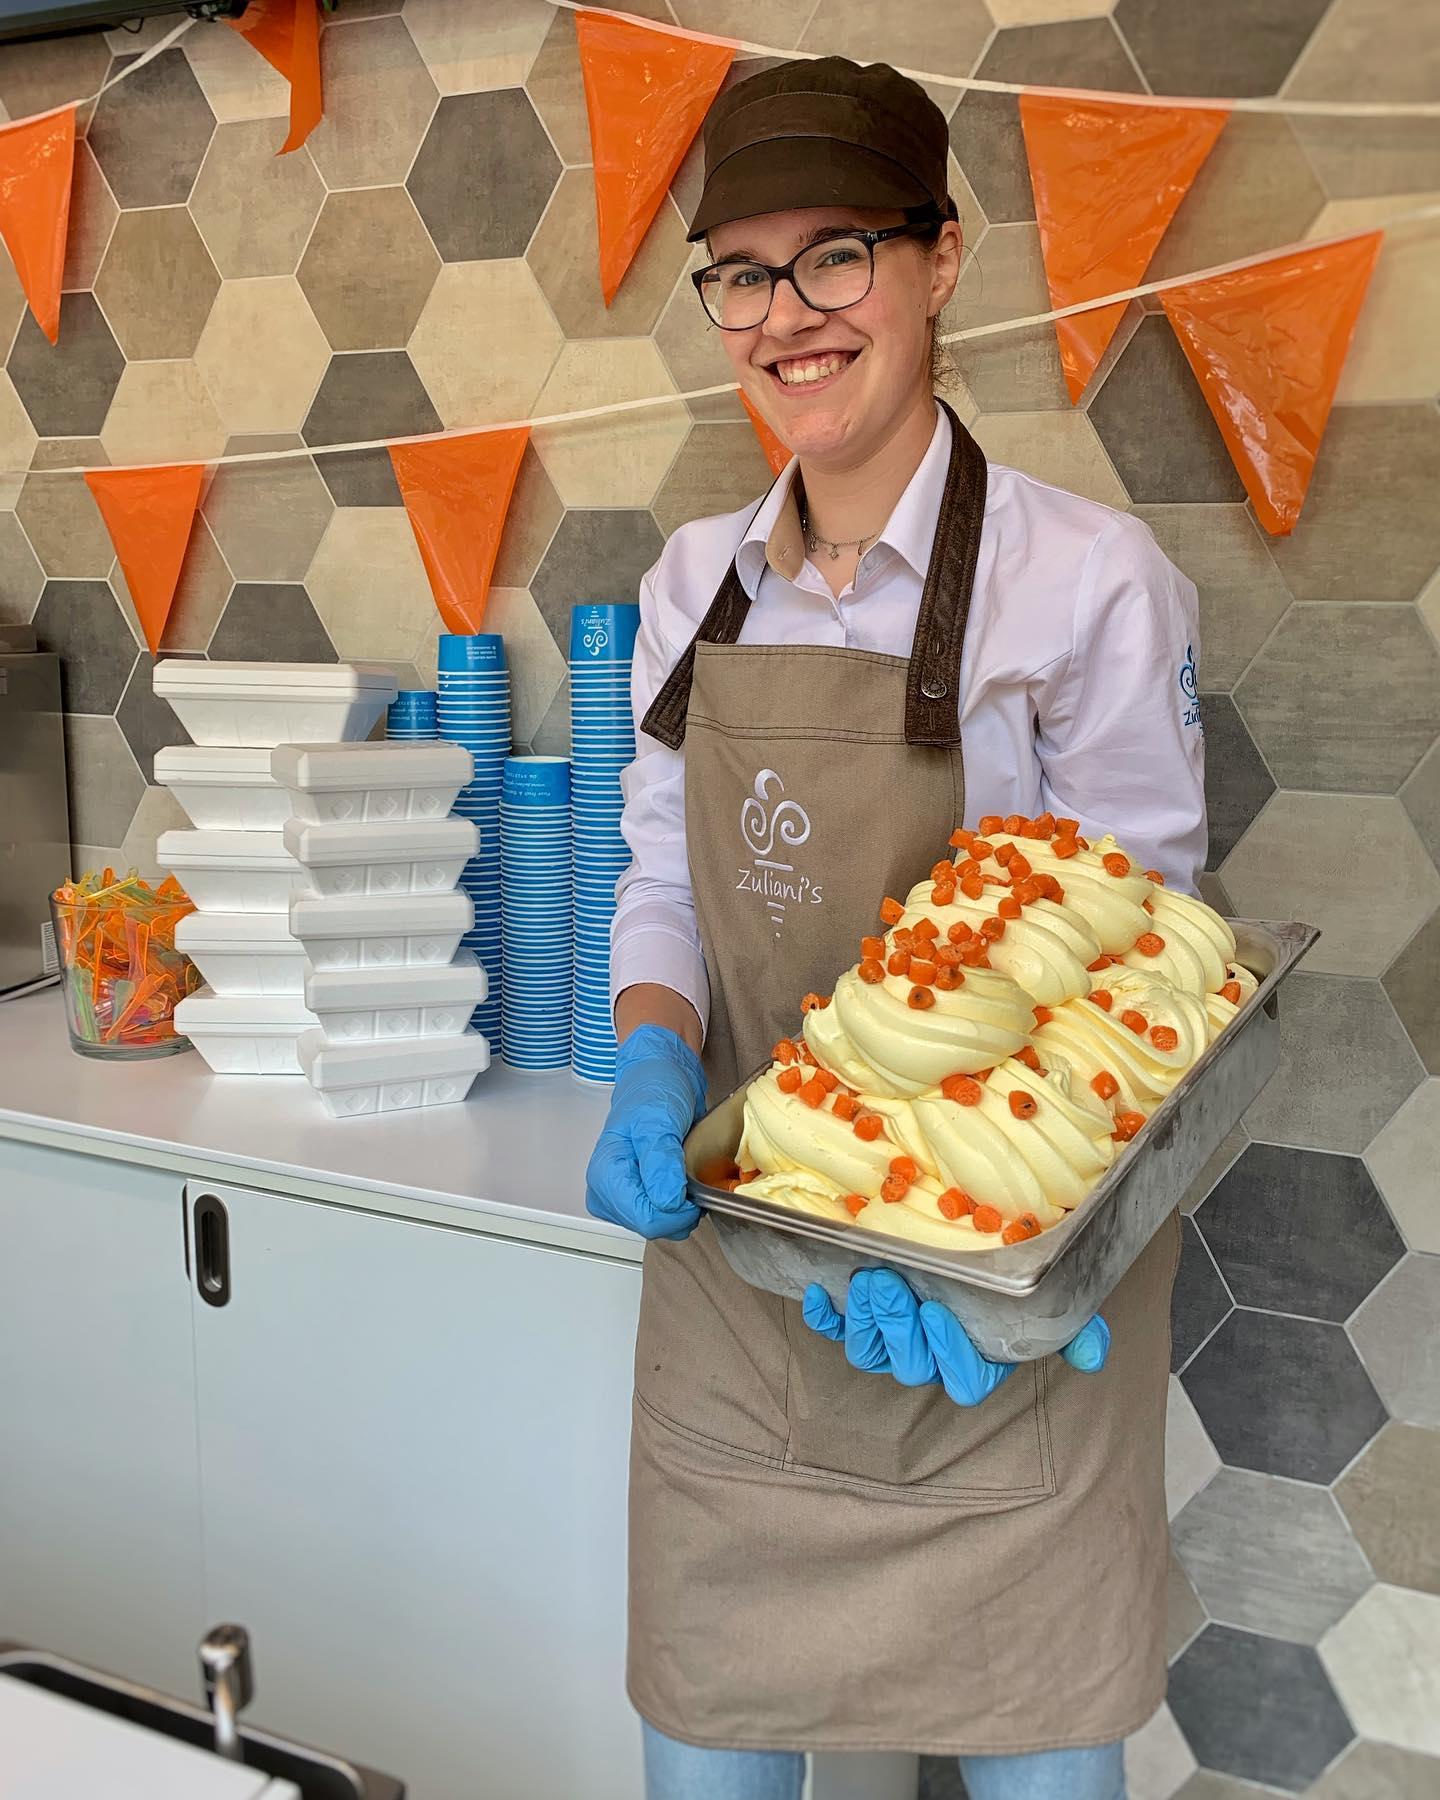 Wij wensen Oranje veel succes op het EK! ️🧡 Vanaf morgen gaan wij los met Oranje Cookie Dough!Haal een hele of halve liter bak en verras je vrienden of familie thuis na de BBQ met een lekker ijsje van Zuliani's!